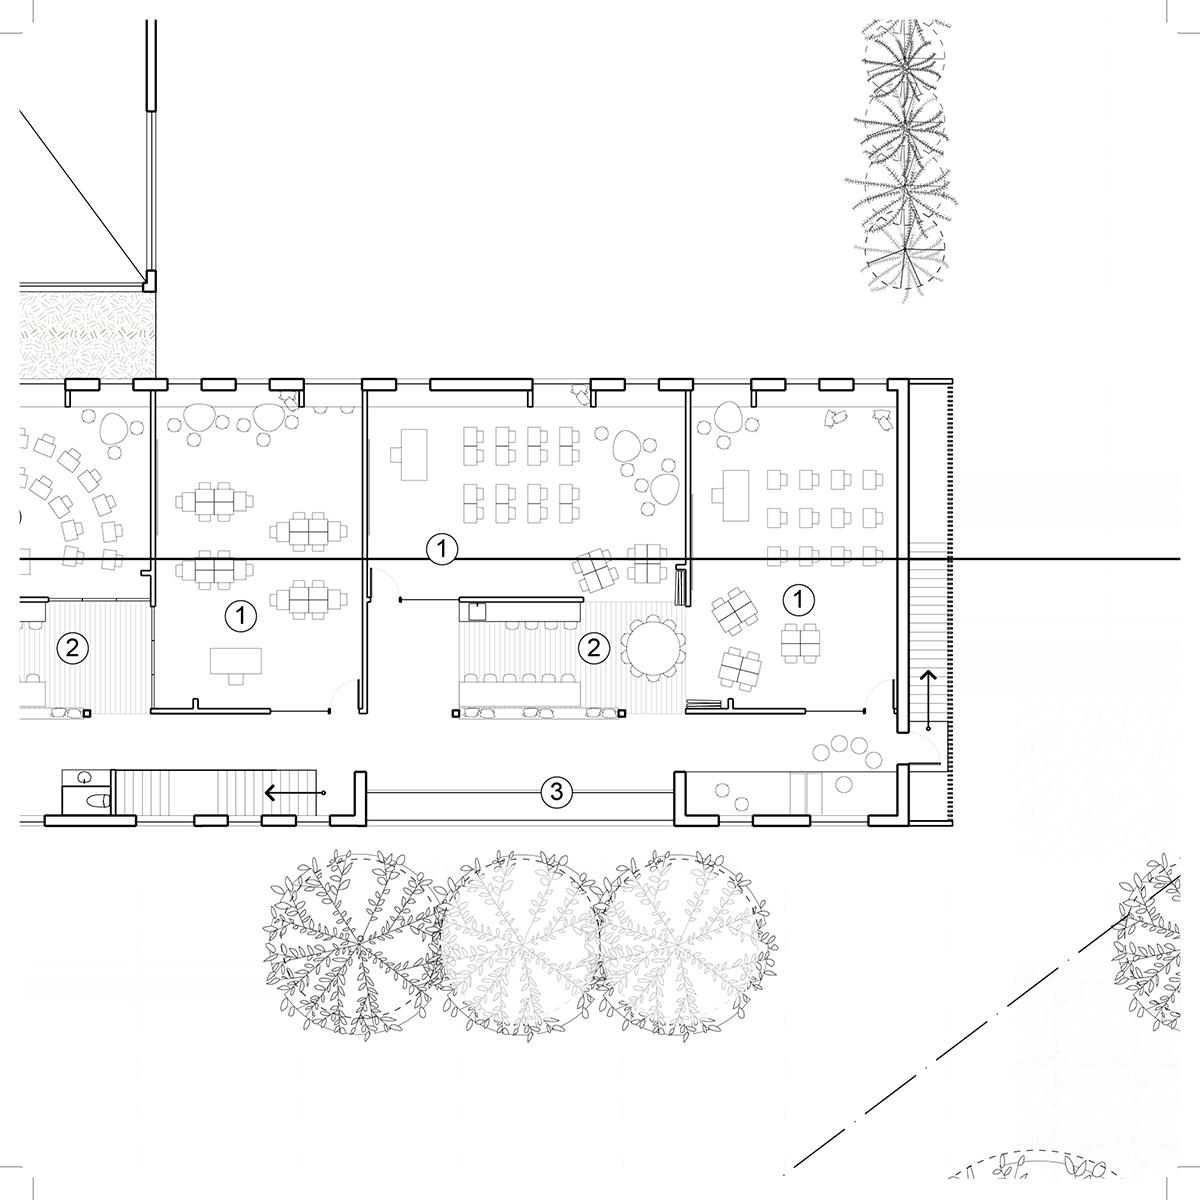 Plan d'une salle de classe par STGM Architectes, pour le concours du Lab-École à Maskinongé, présenté dans le cadre de l'exposition «Devoirs d'architecture».